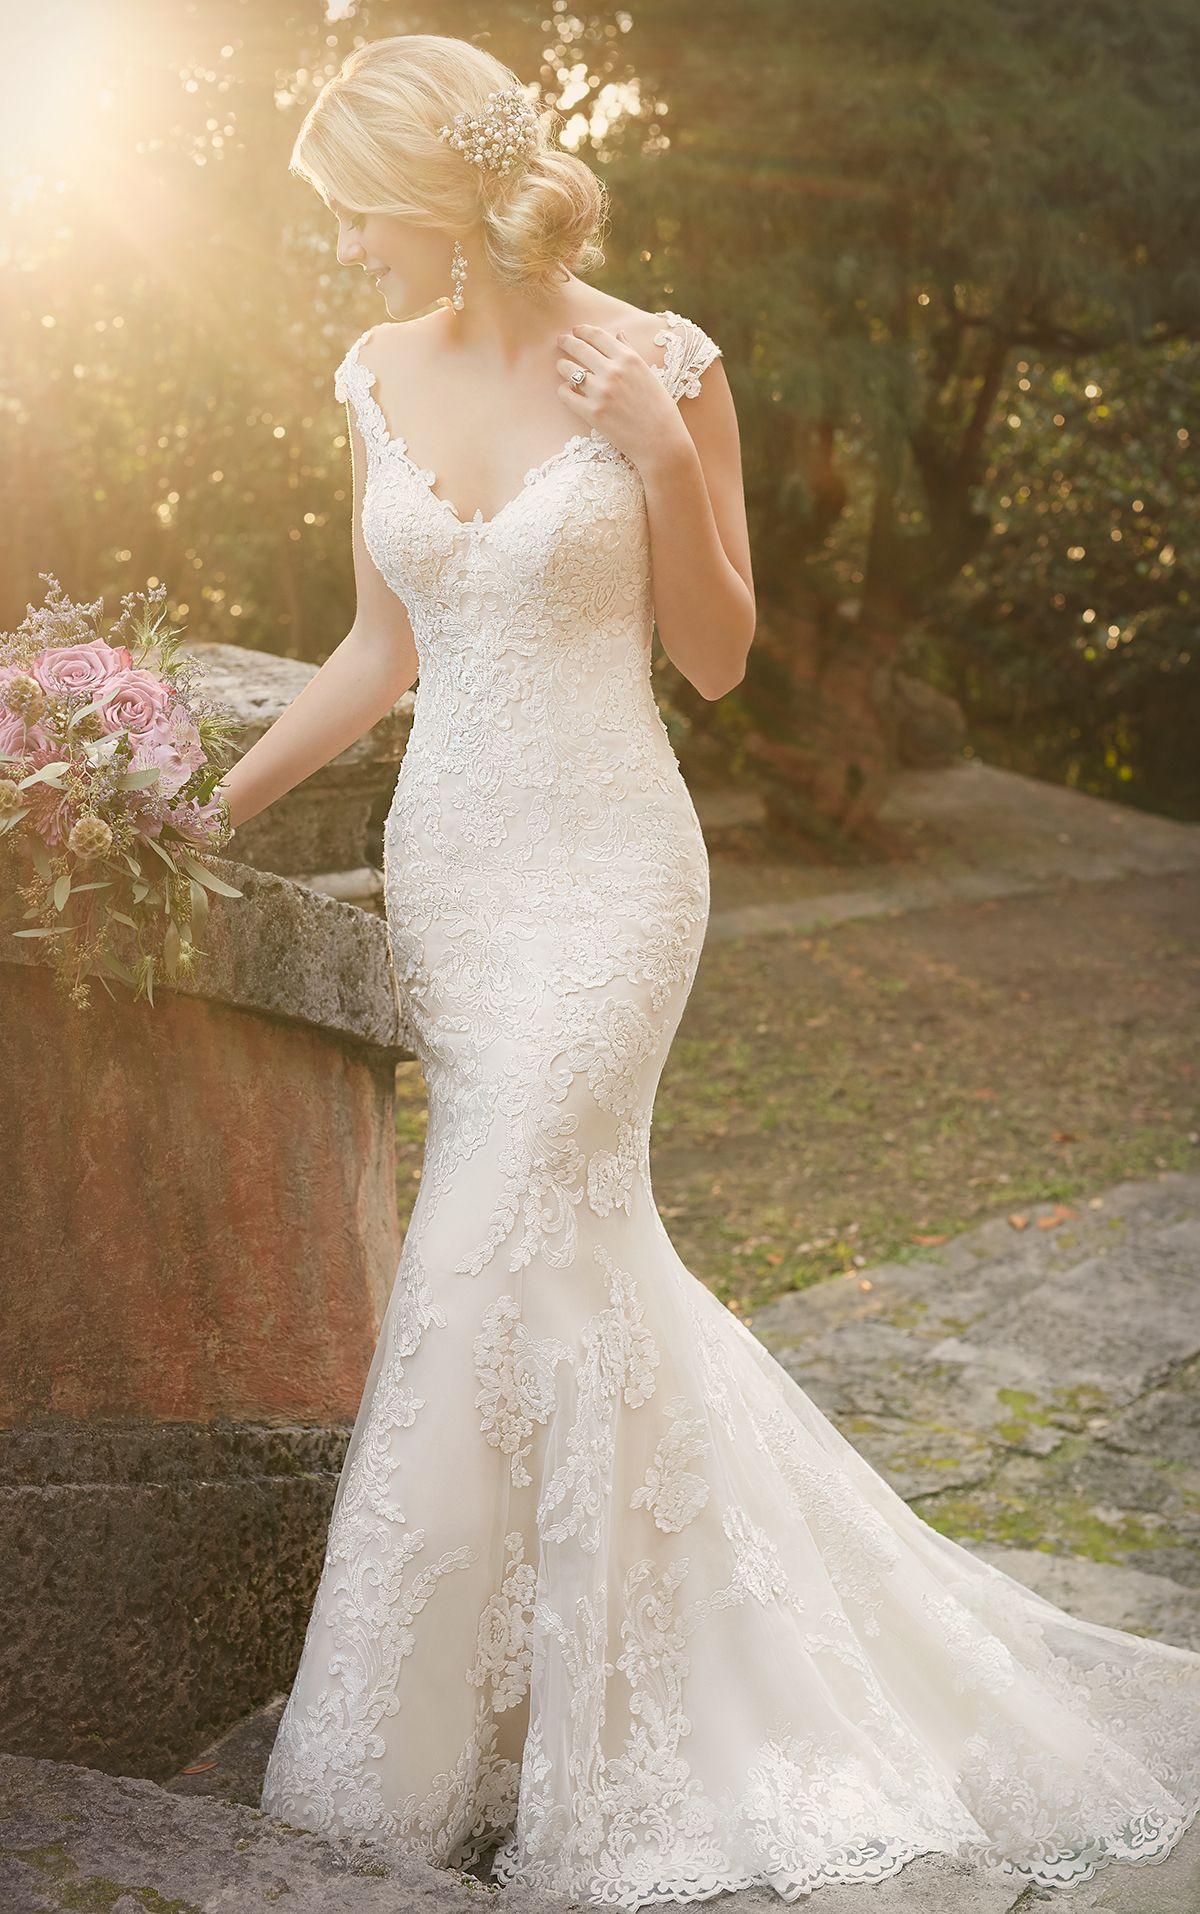 Pin von Mercedes Perez auf Wedding Dress | Pinterest | Prinzessinnen ...